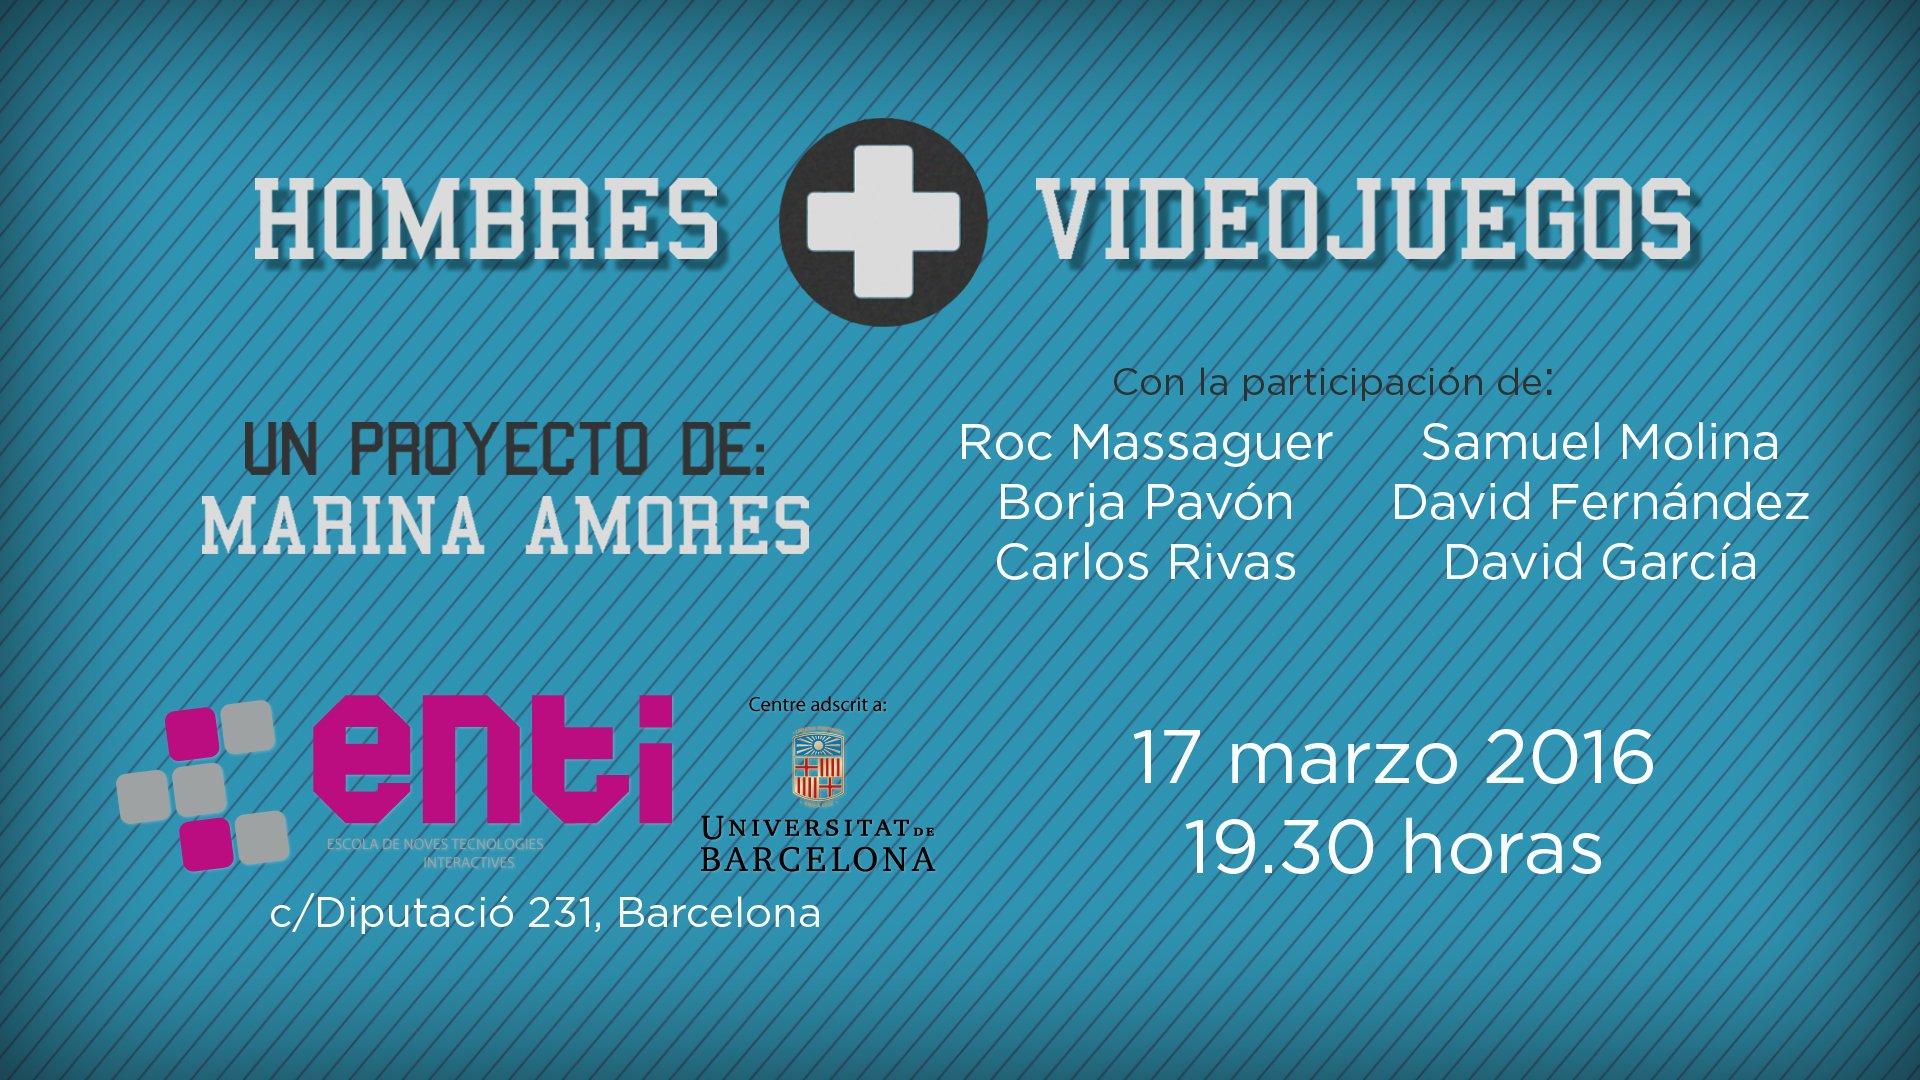 Jueves 17 de marzo a las 19.30 hrs presentación de 'Hombres+Videojuegos' en ENTI (Bcn). Entrada gratuita. https://t.co/YW0SgCC3C8